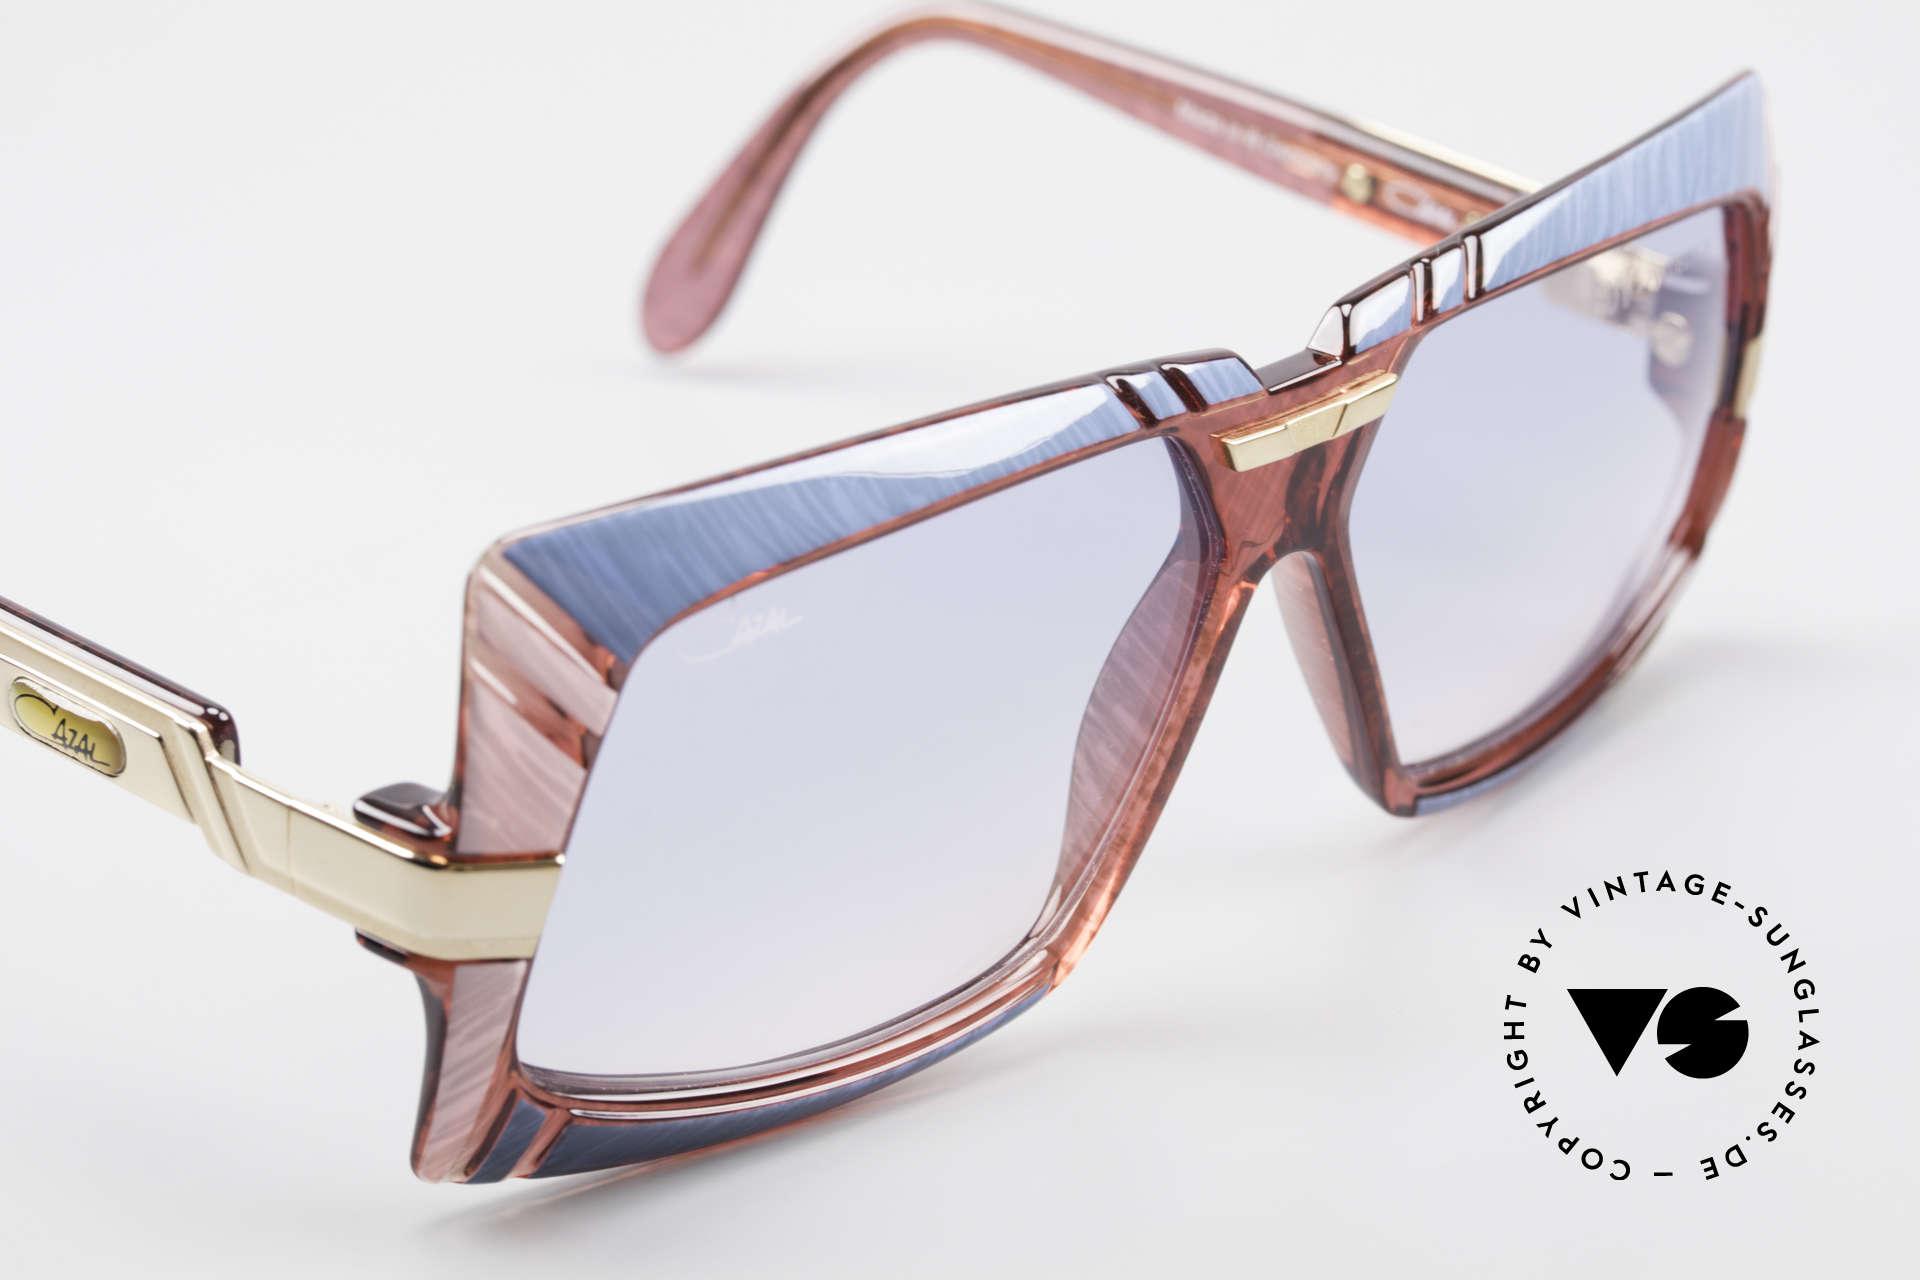 Cazal 869 Alte 80er Vintage Sonnenbrille, ein echtes Sammlerstück in unberührtem Top-Zustand, Passend für Herren und Damen